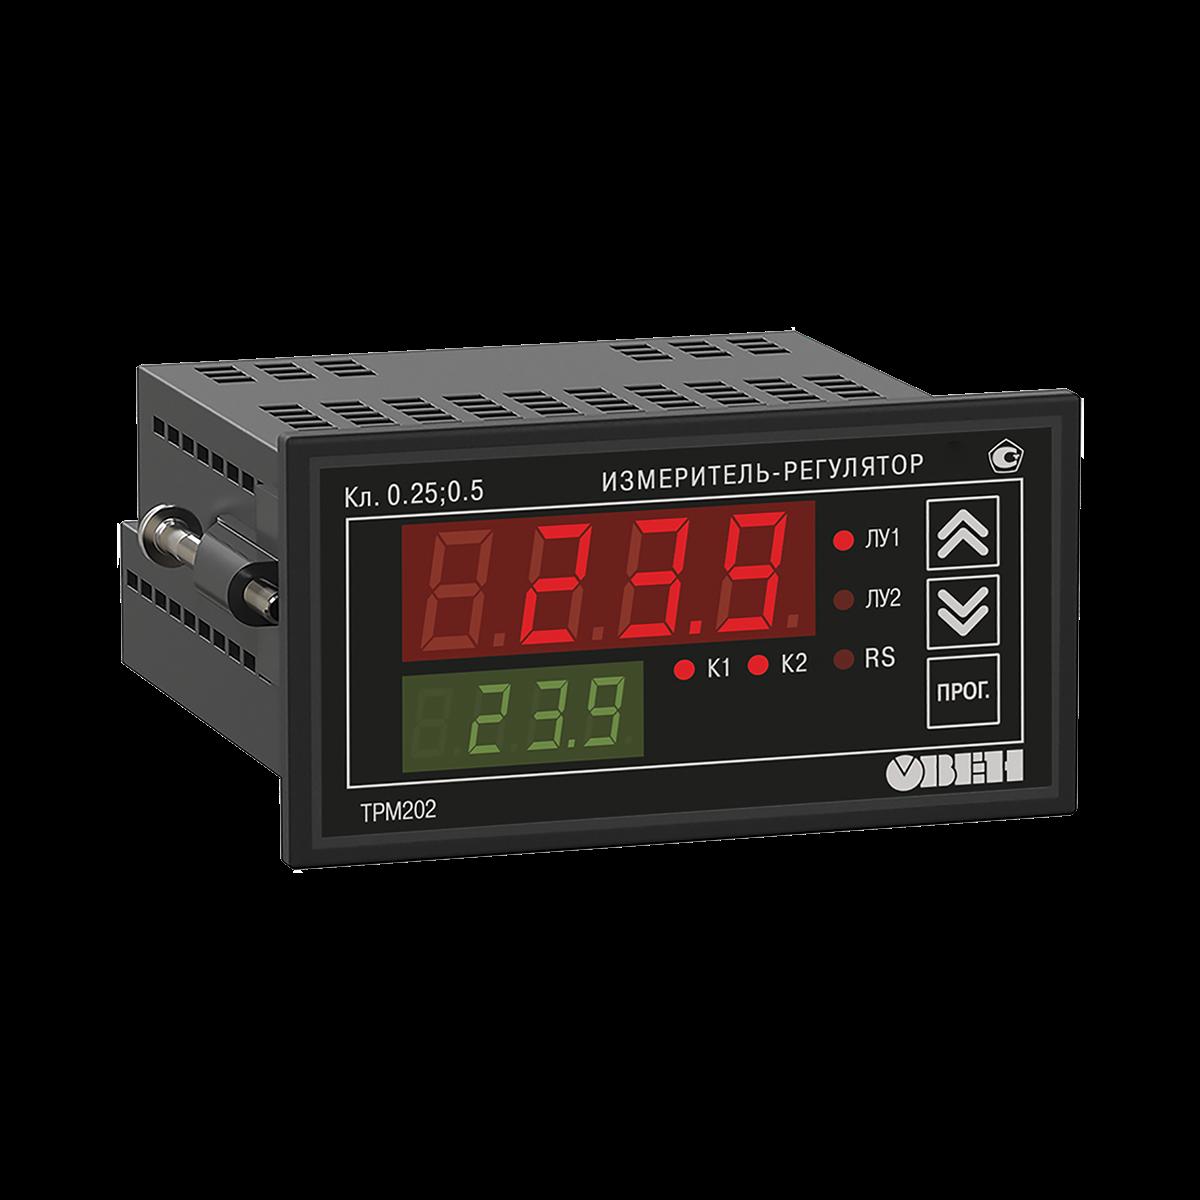 ТРМ202 двухканальный регулятор с универсальным входом и RS-485